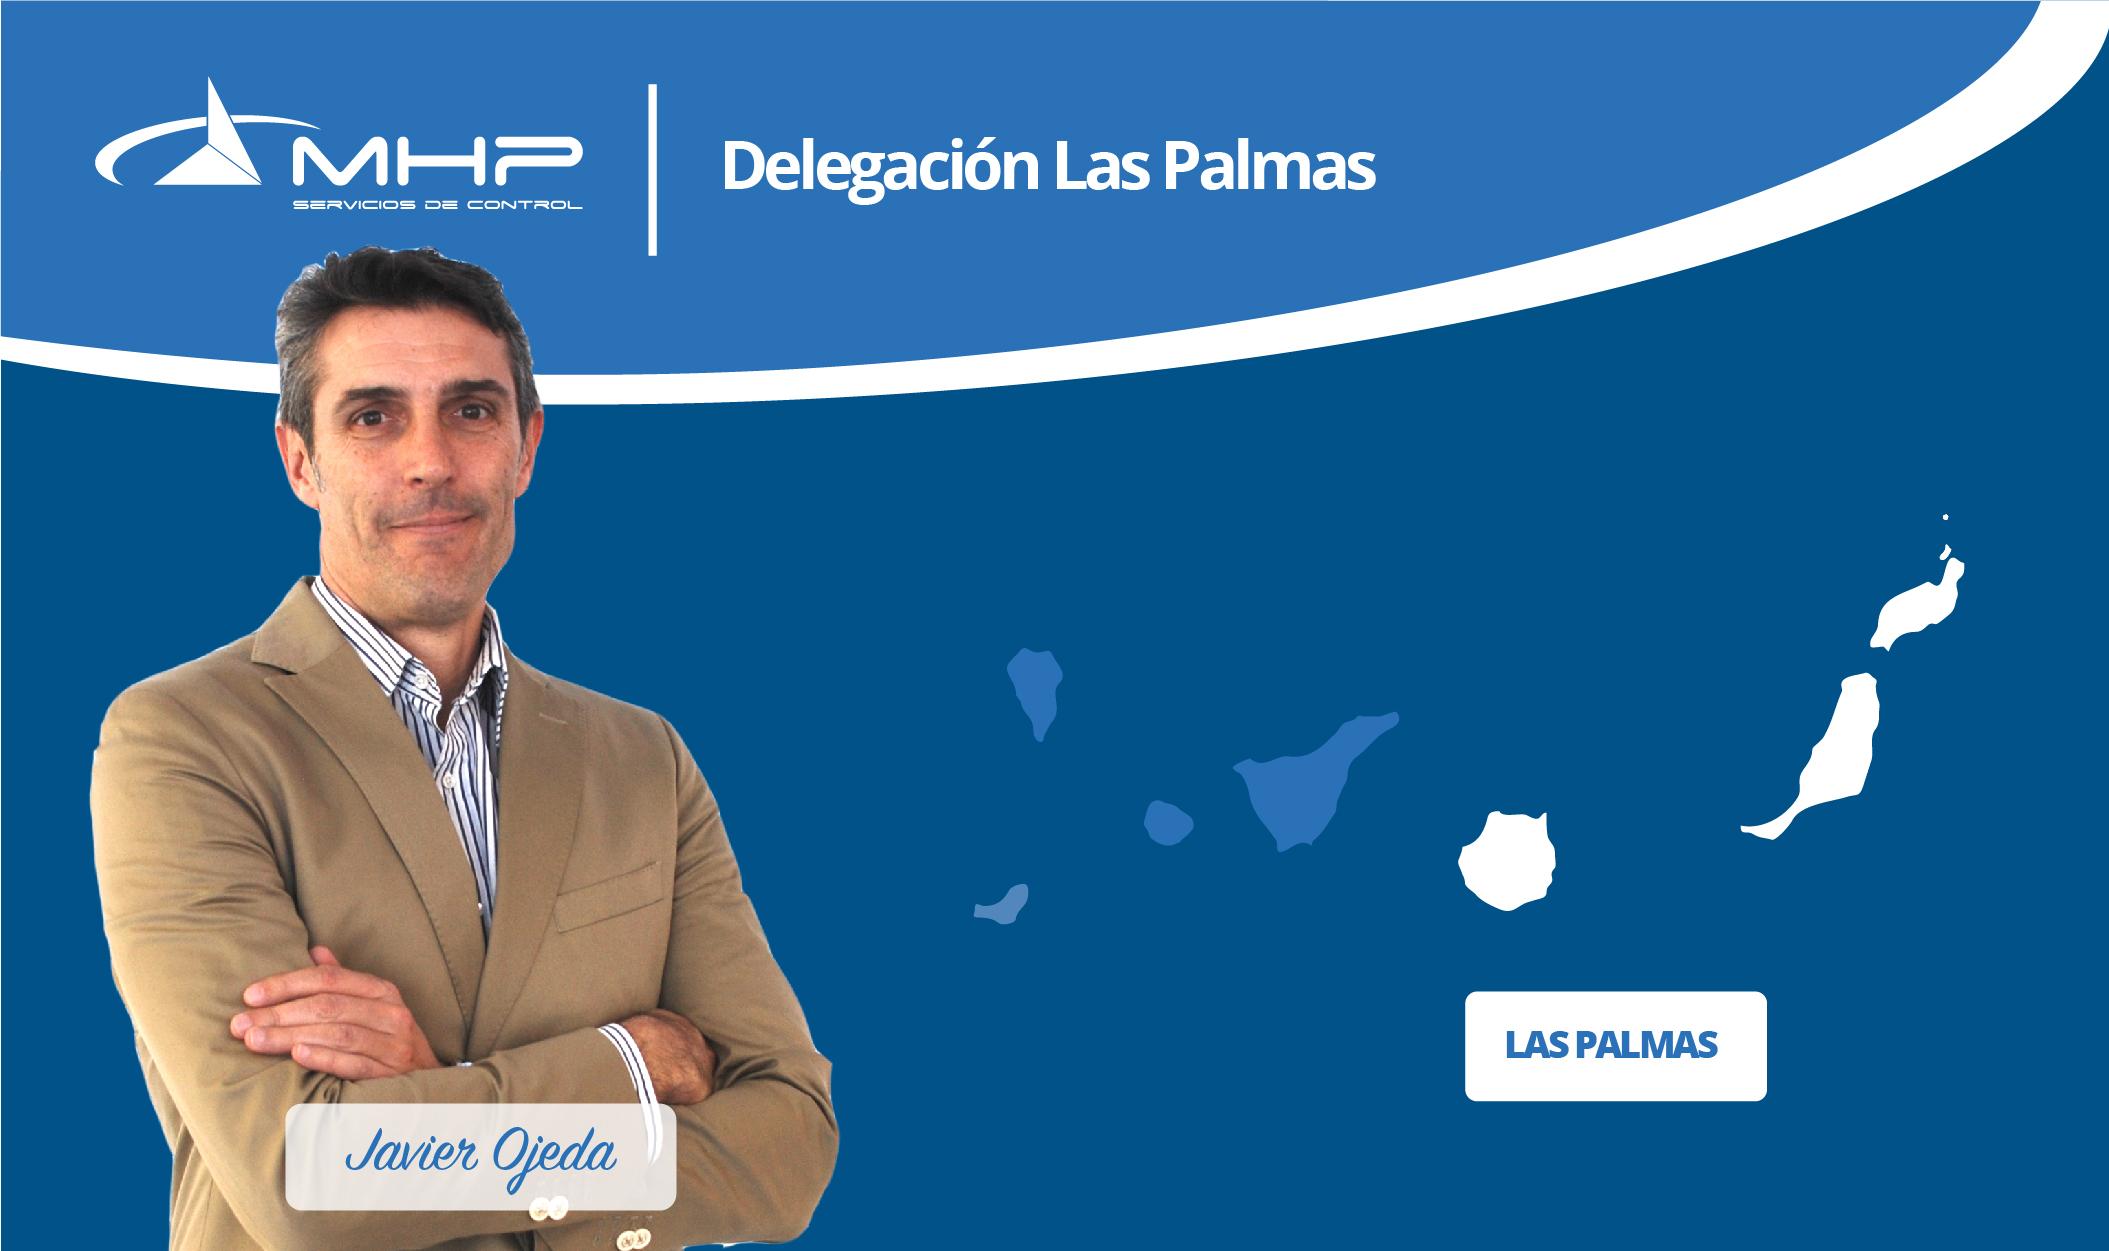 Delegación Canarias, Las Palmas - Javier Ojeda